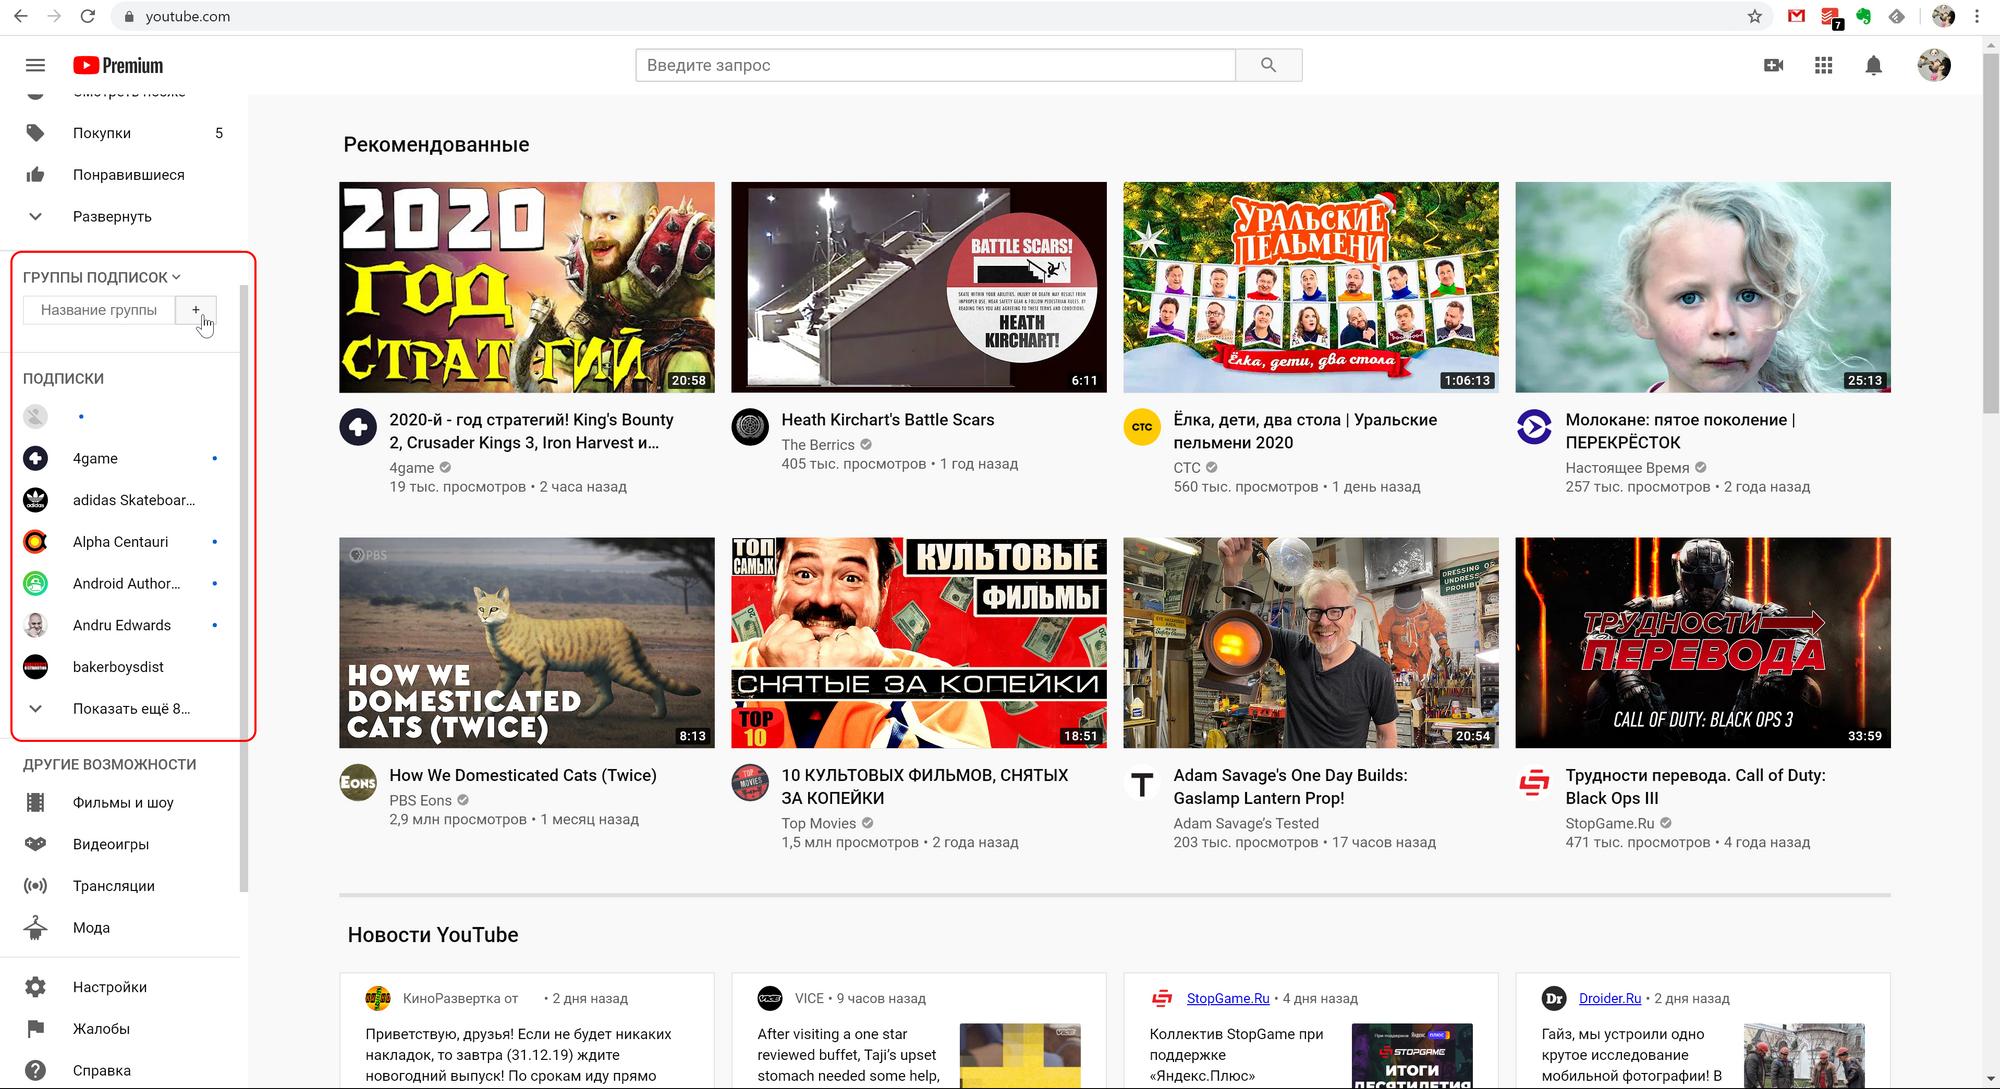 Создание категорий для подписок на YouTube